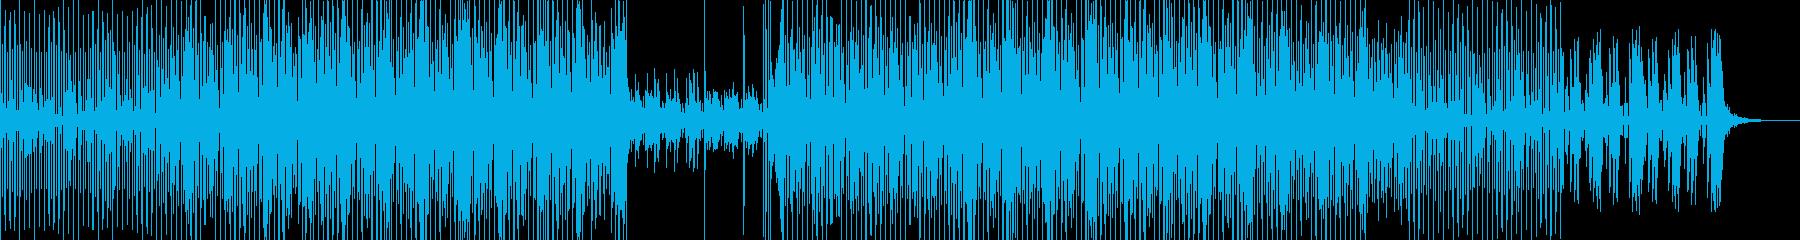 テクノポップミュージックの再生済みの波形